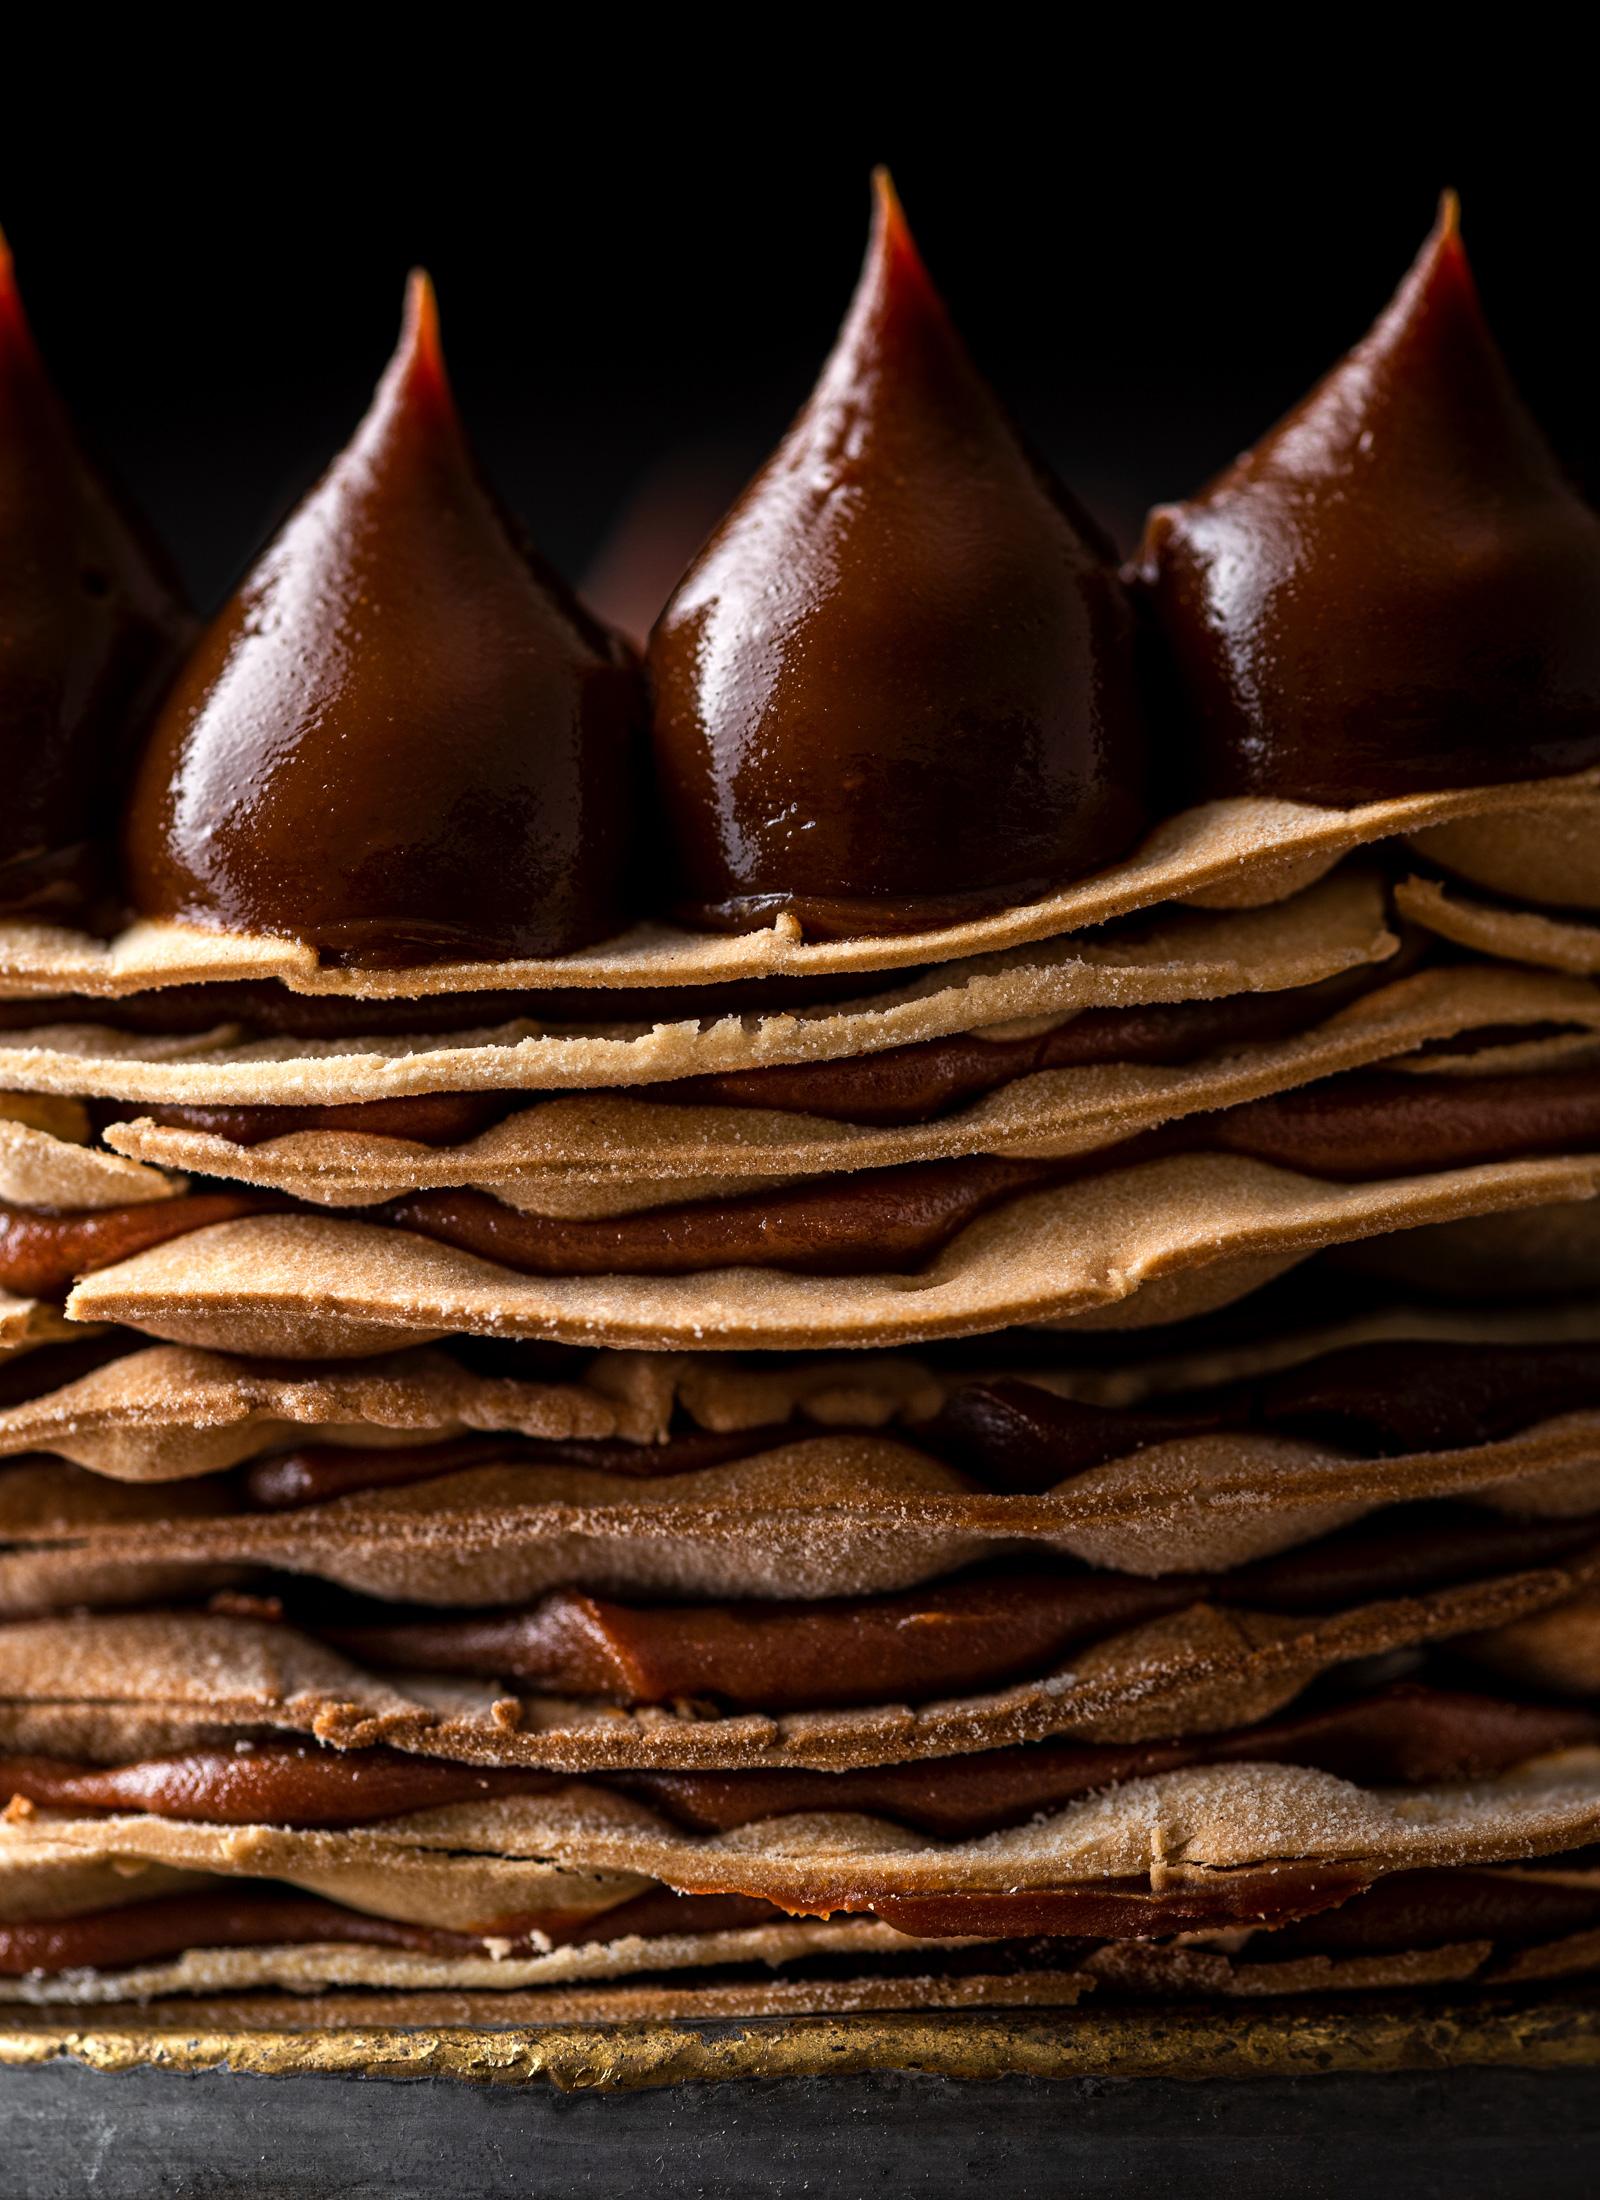 torta-hojarasca-zoom-cassis-estudio-como